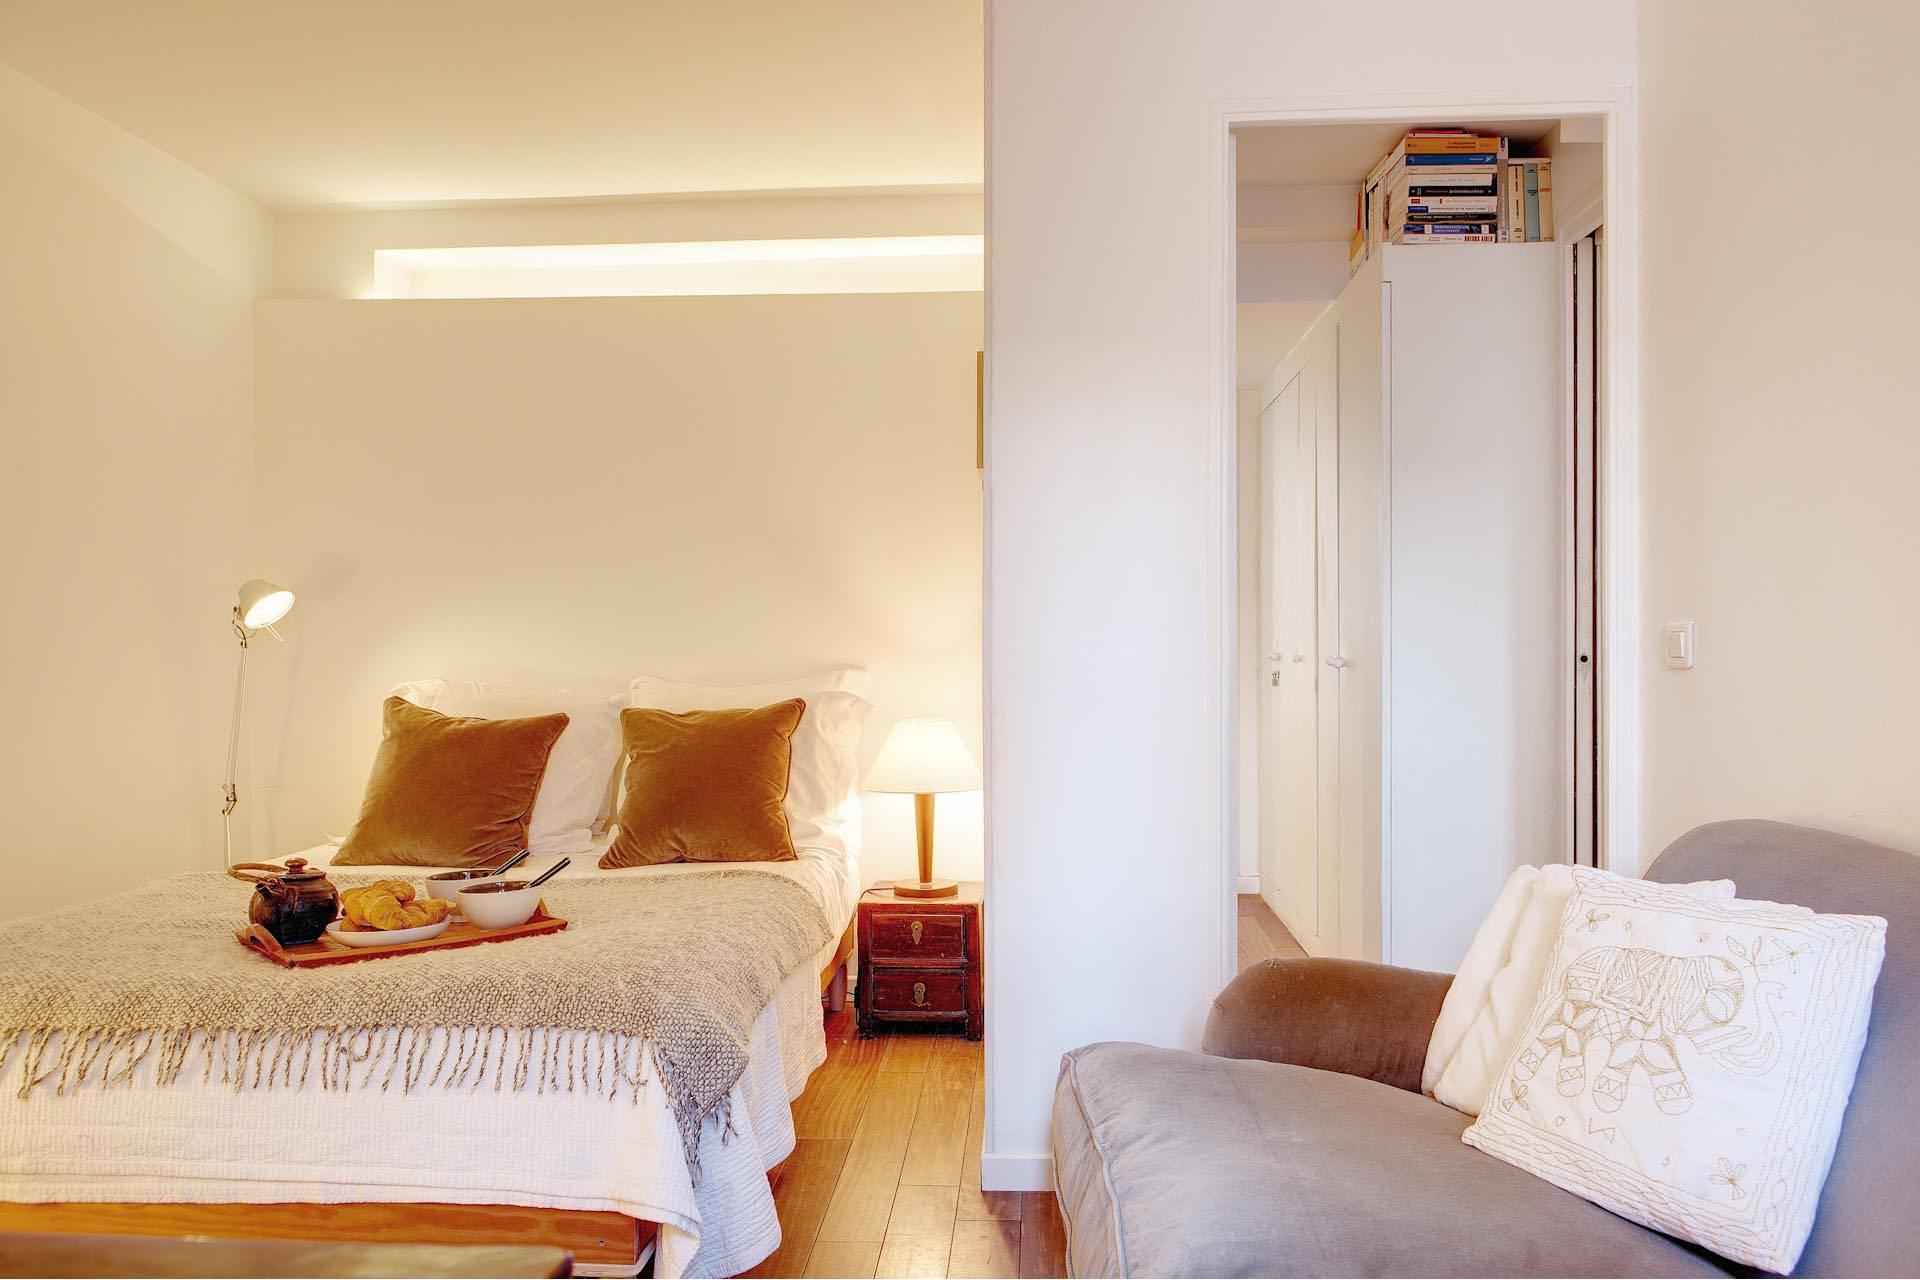 appartement halles de paris paris. Black Bedroom Furniture Sets. Home Design Ideas